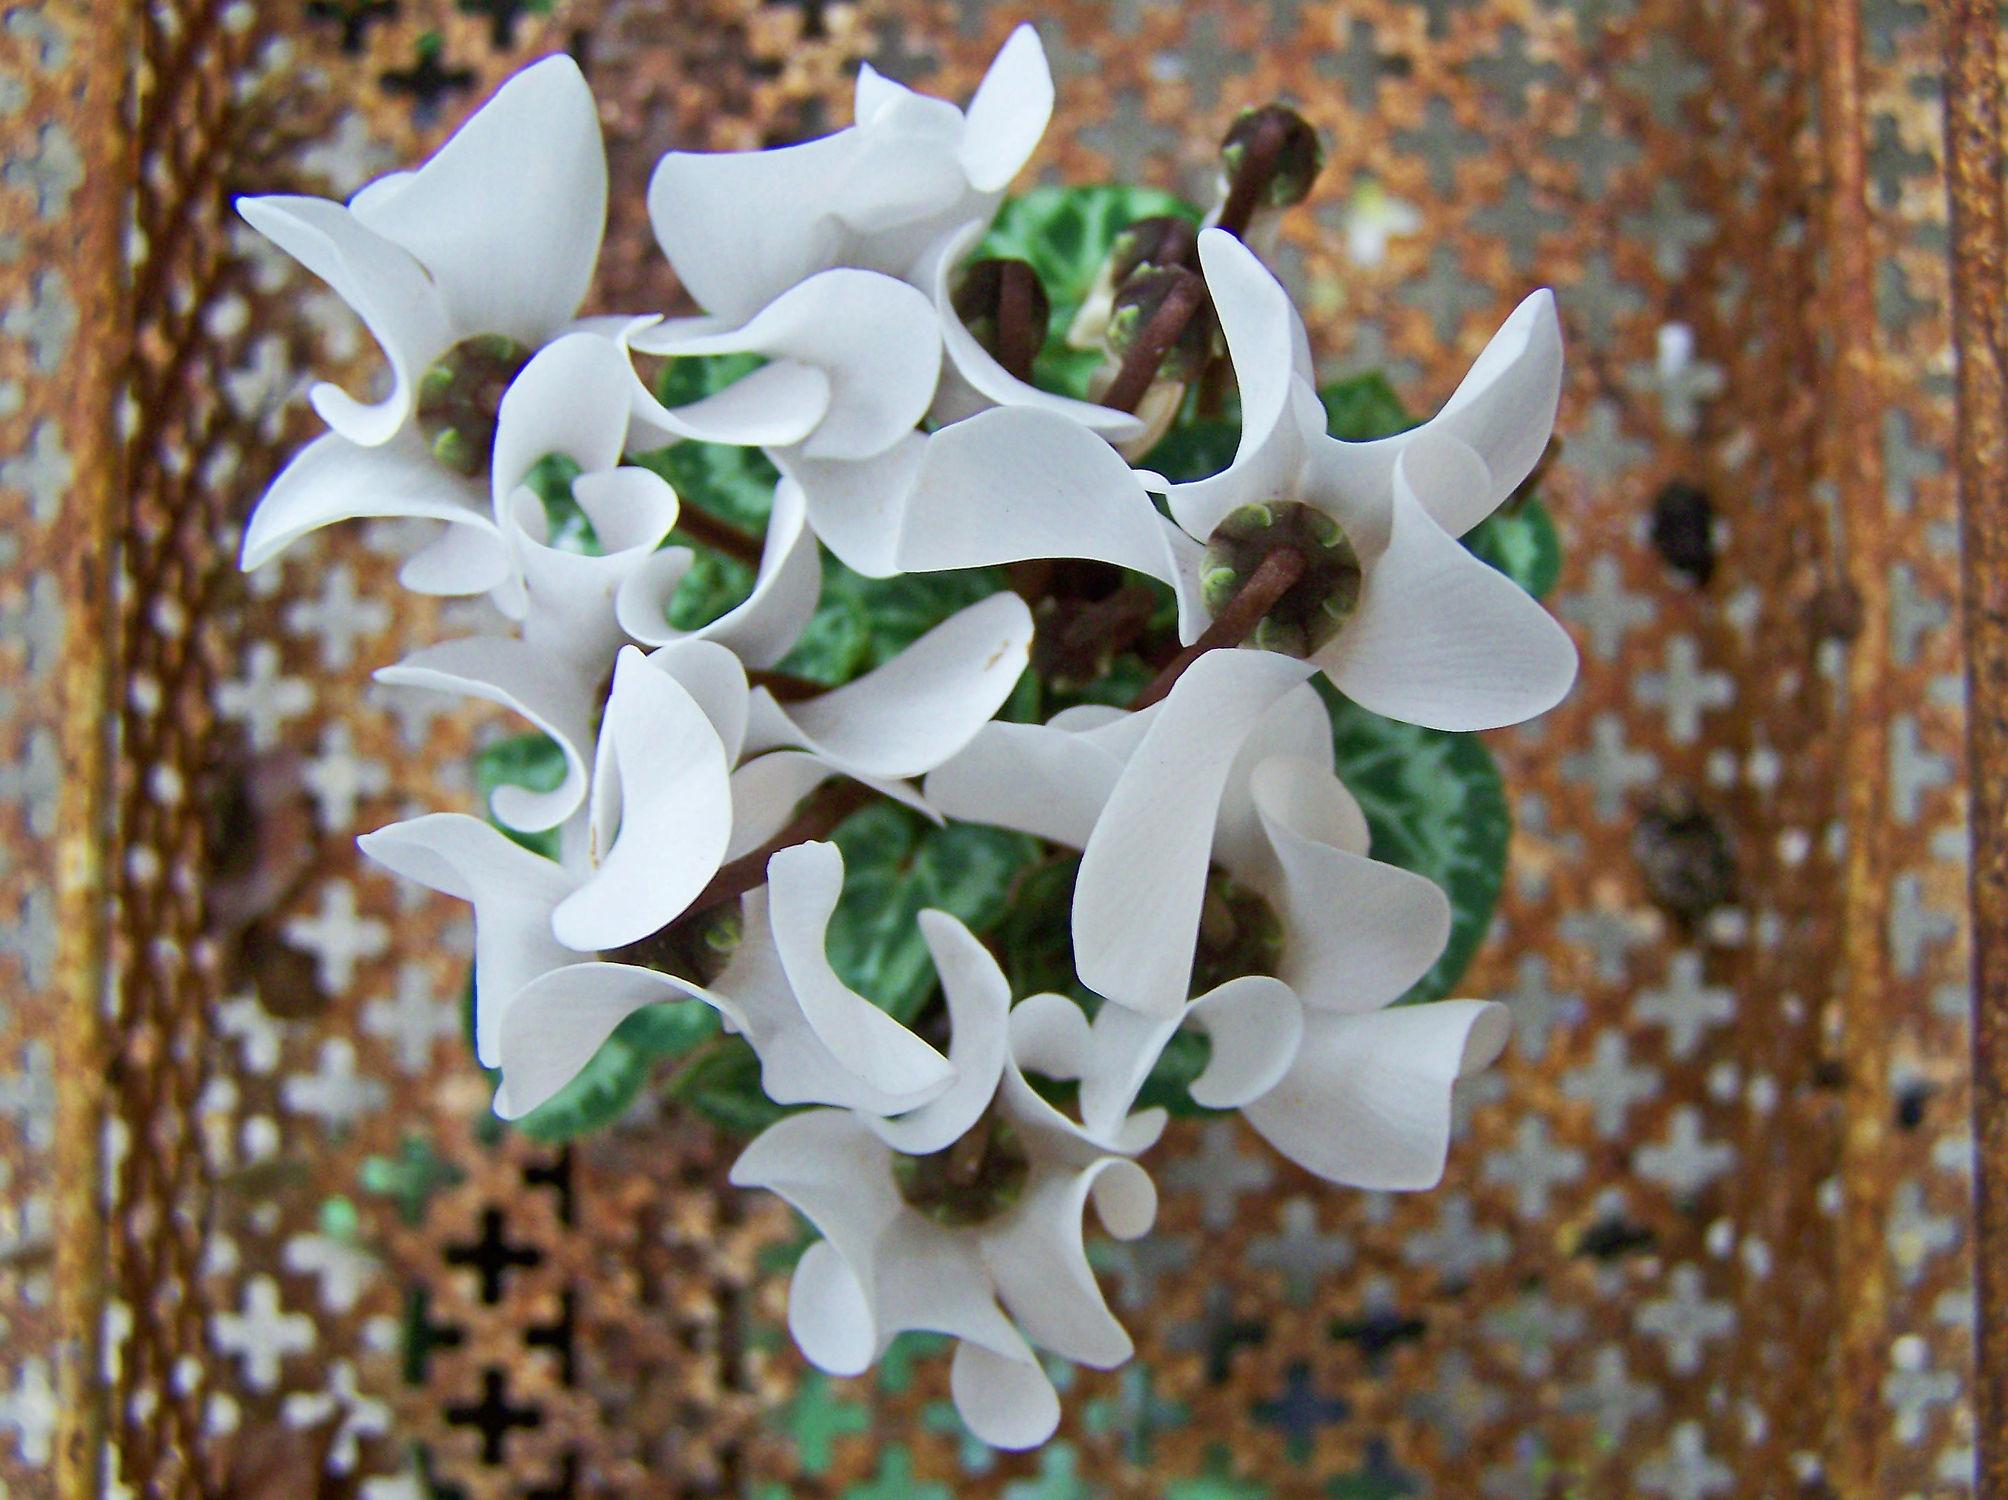 Bild mit Pflanzen, Blumen, Blume, Pflanze, alpenveilchen, veilchen, Blüten, blüte